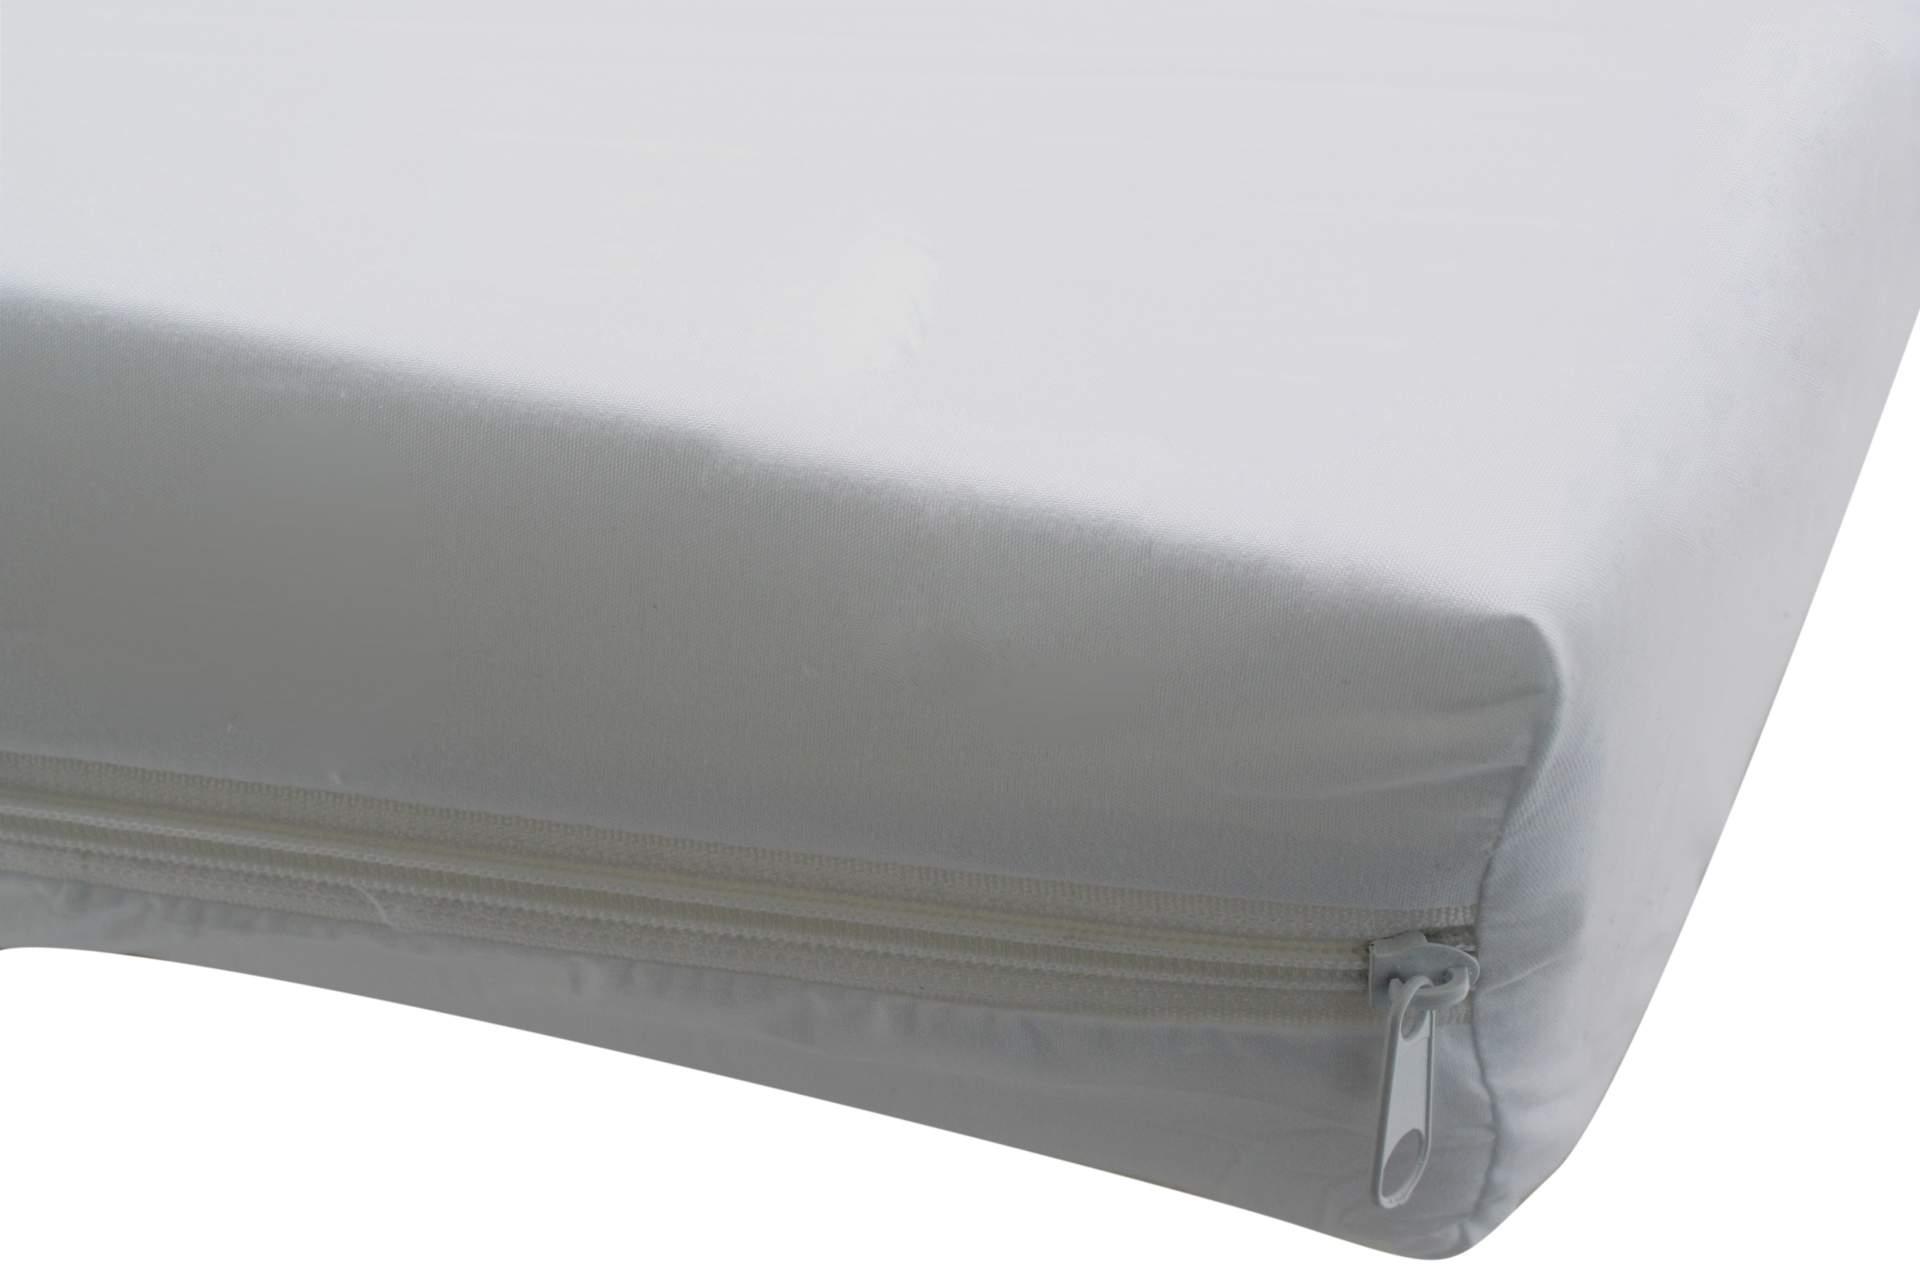 Roll Matratze 70x200 26 frisch roll matratze 70x200 fotos matratzen ideen und bilder wunderbar